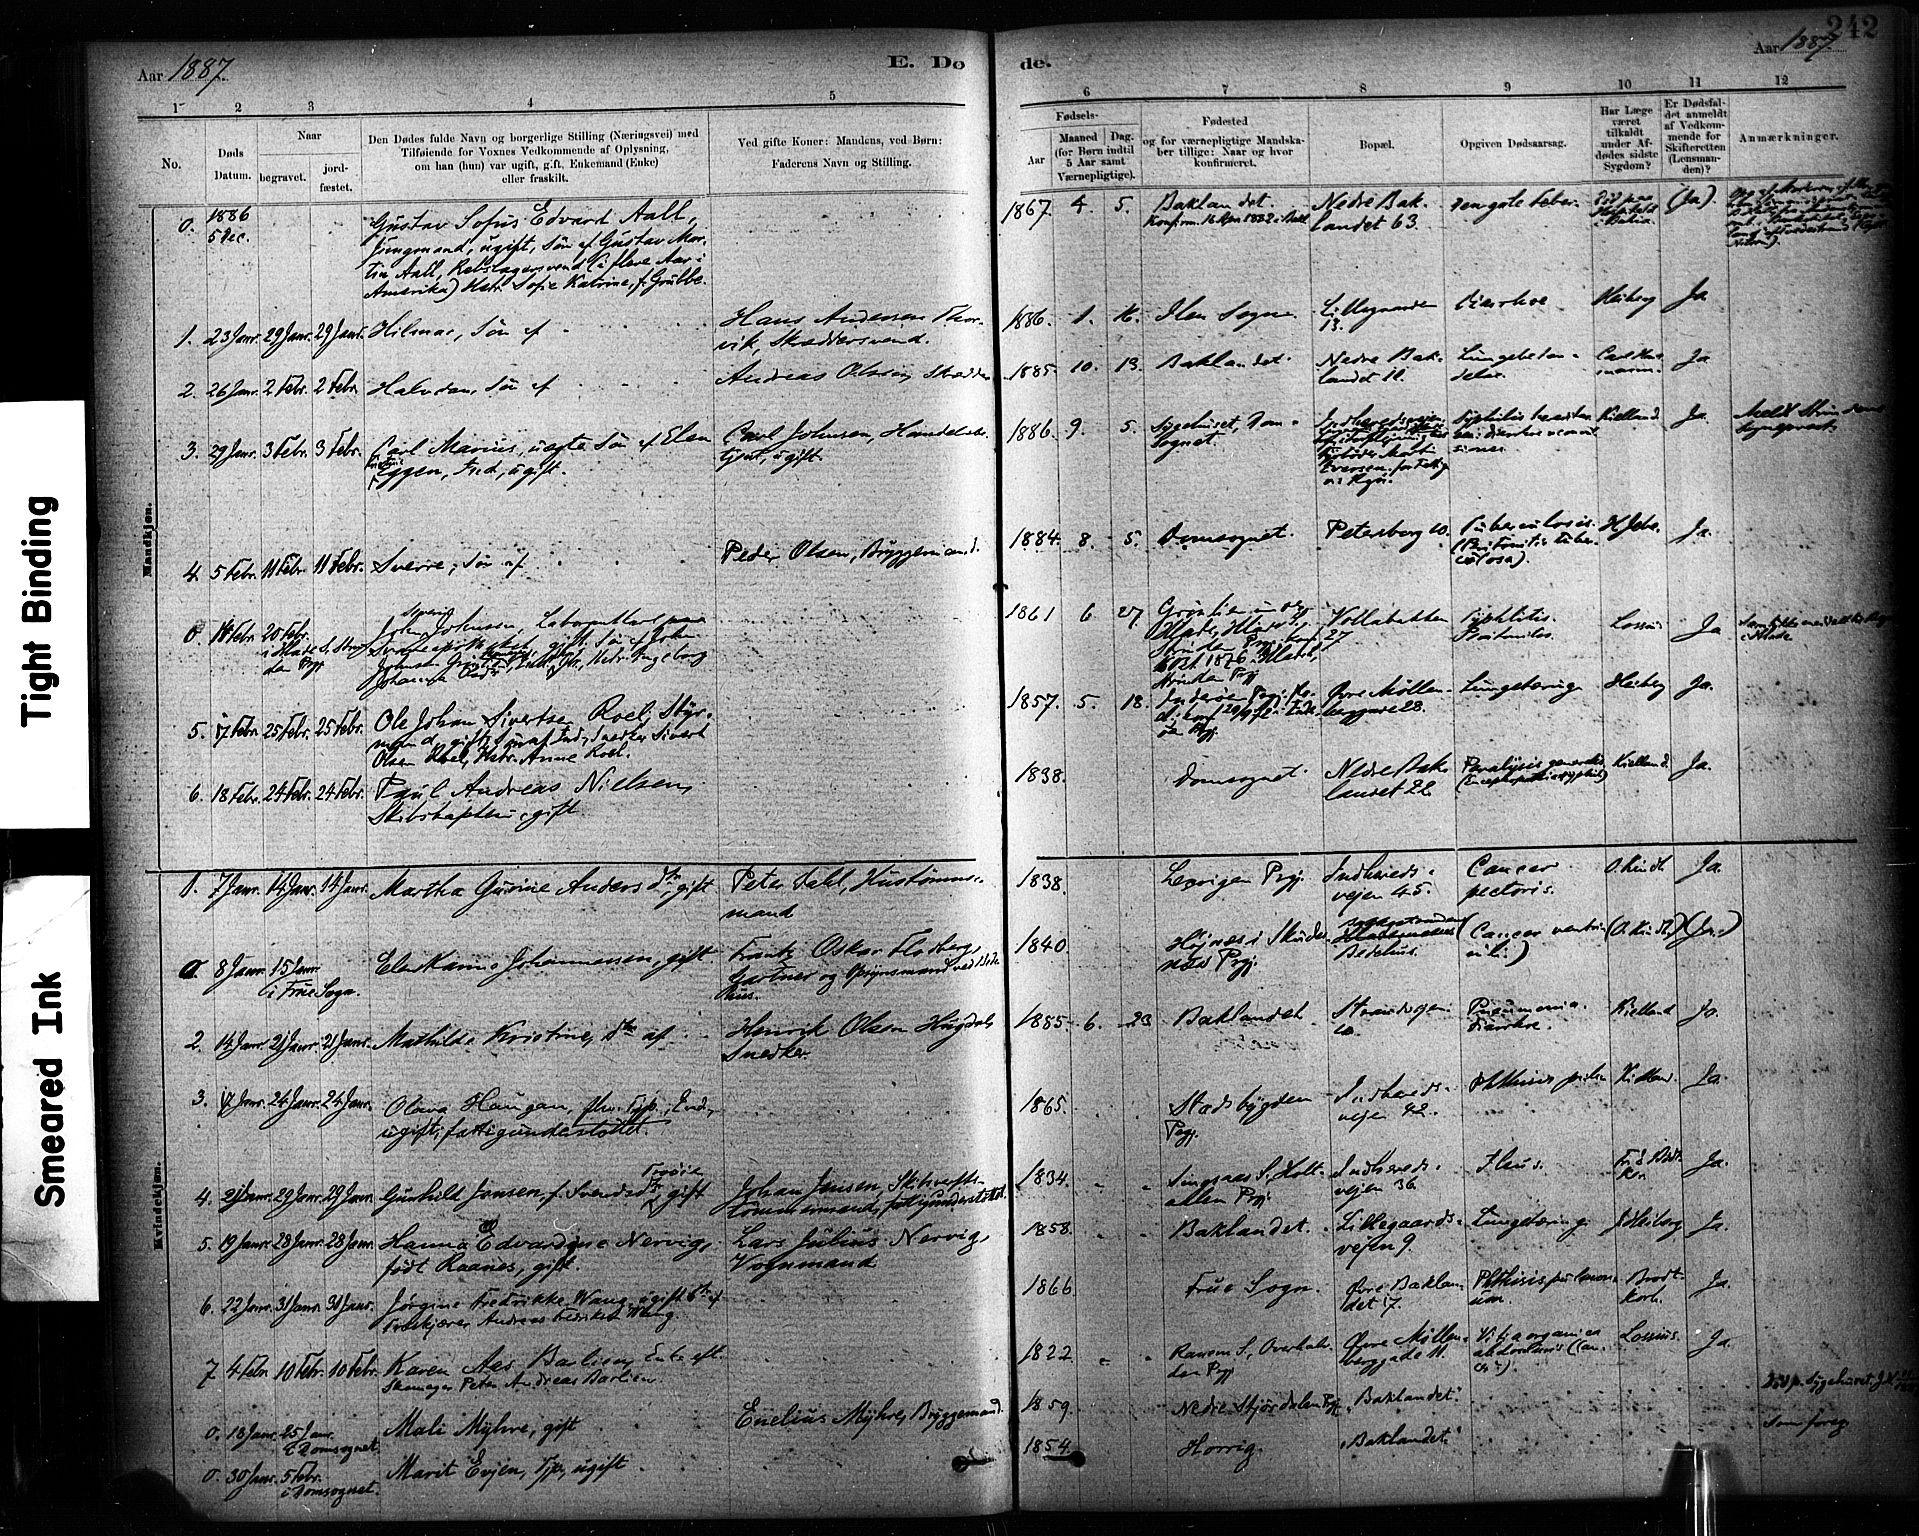 SAT, Ministerialprotokoller, klokkerbøker og fødselsregistre - Sør-Trøndelag, 604/L0189: Ministerialbok nr. 604A10, 1878-1892, s. 242